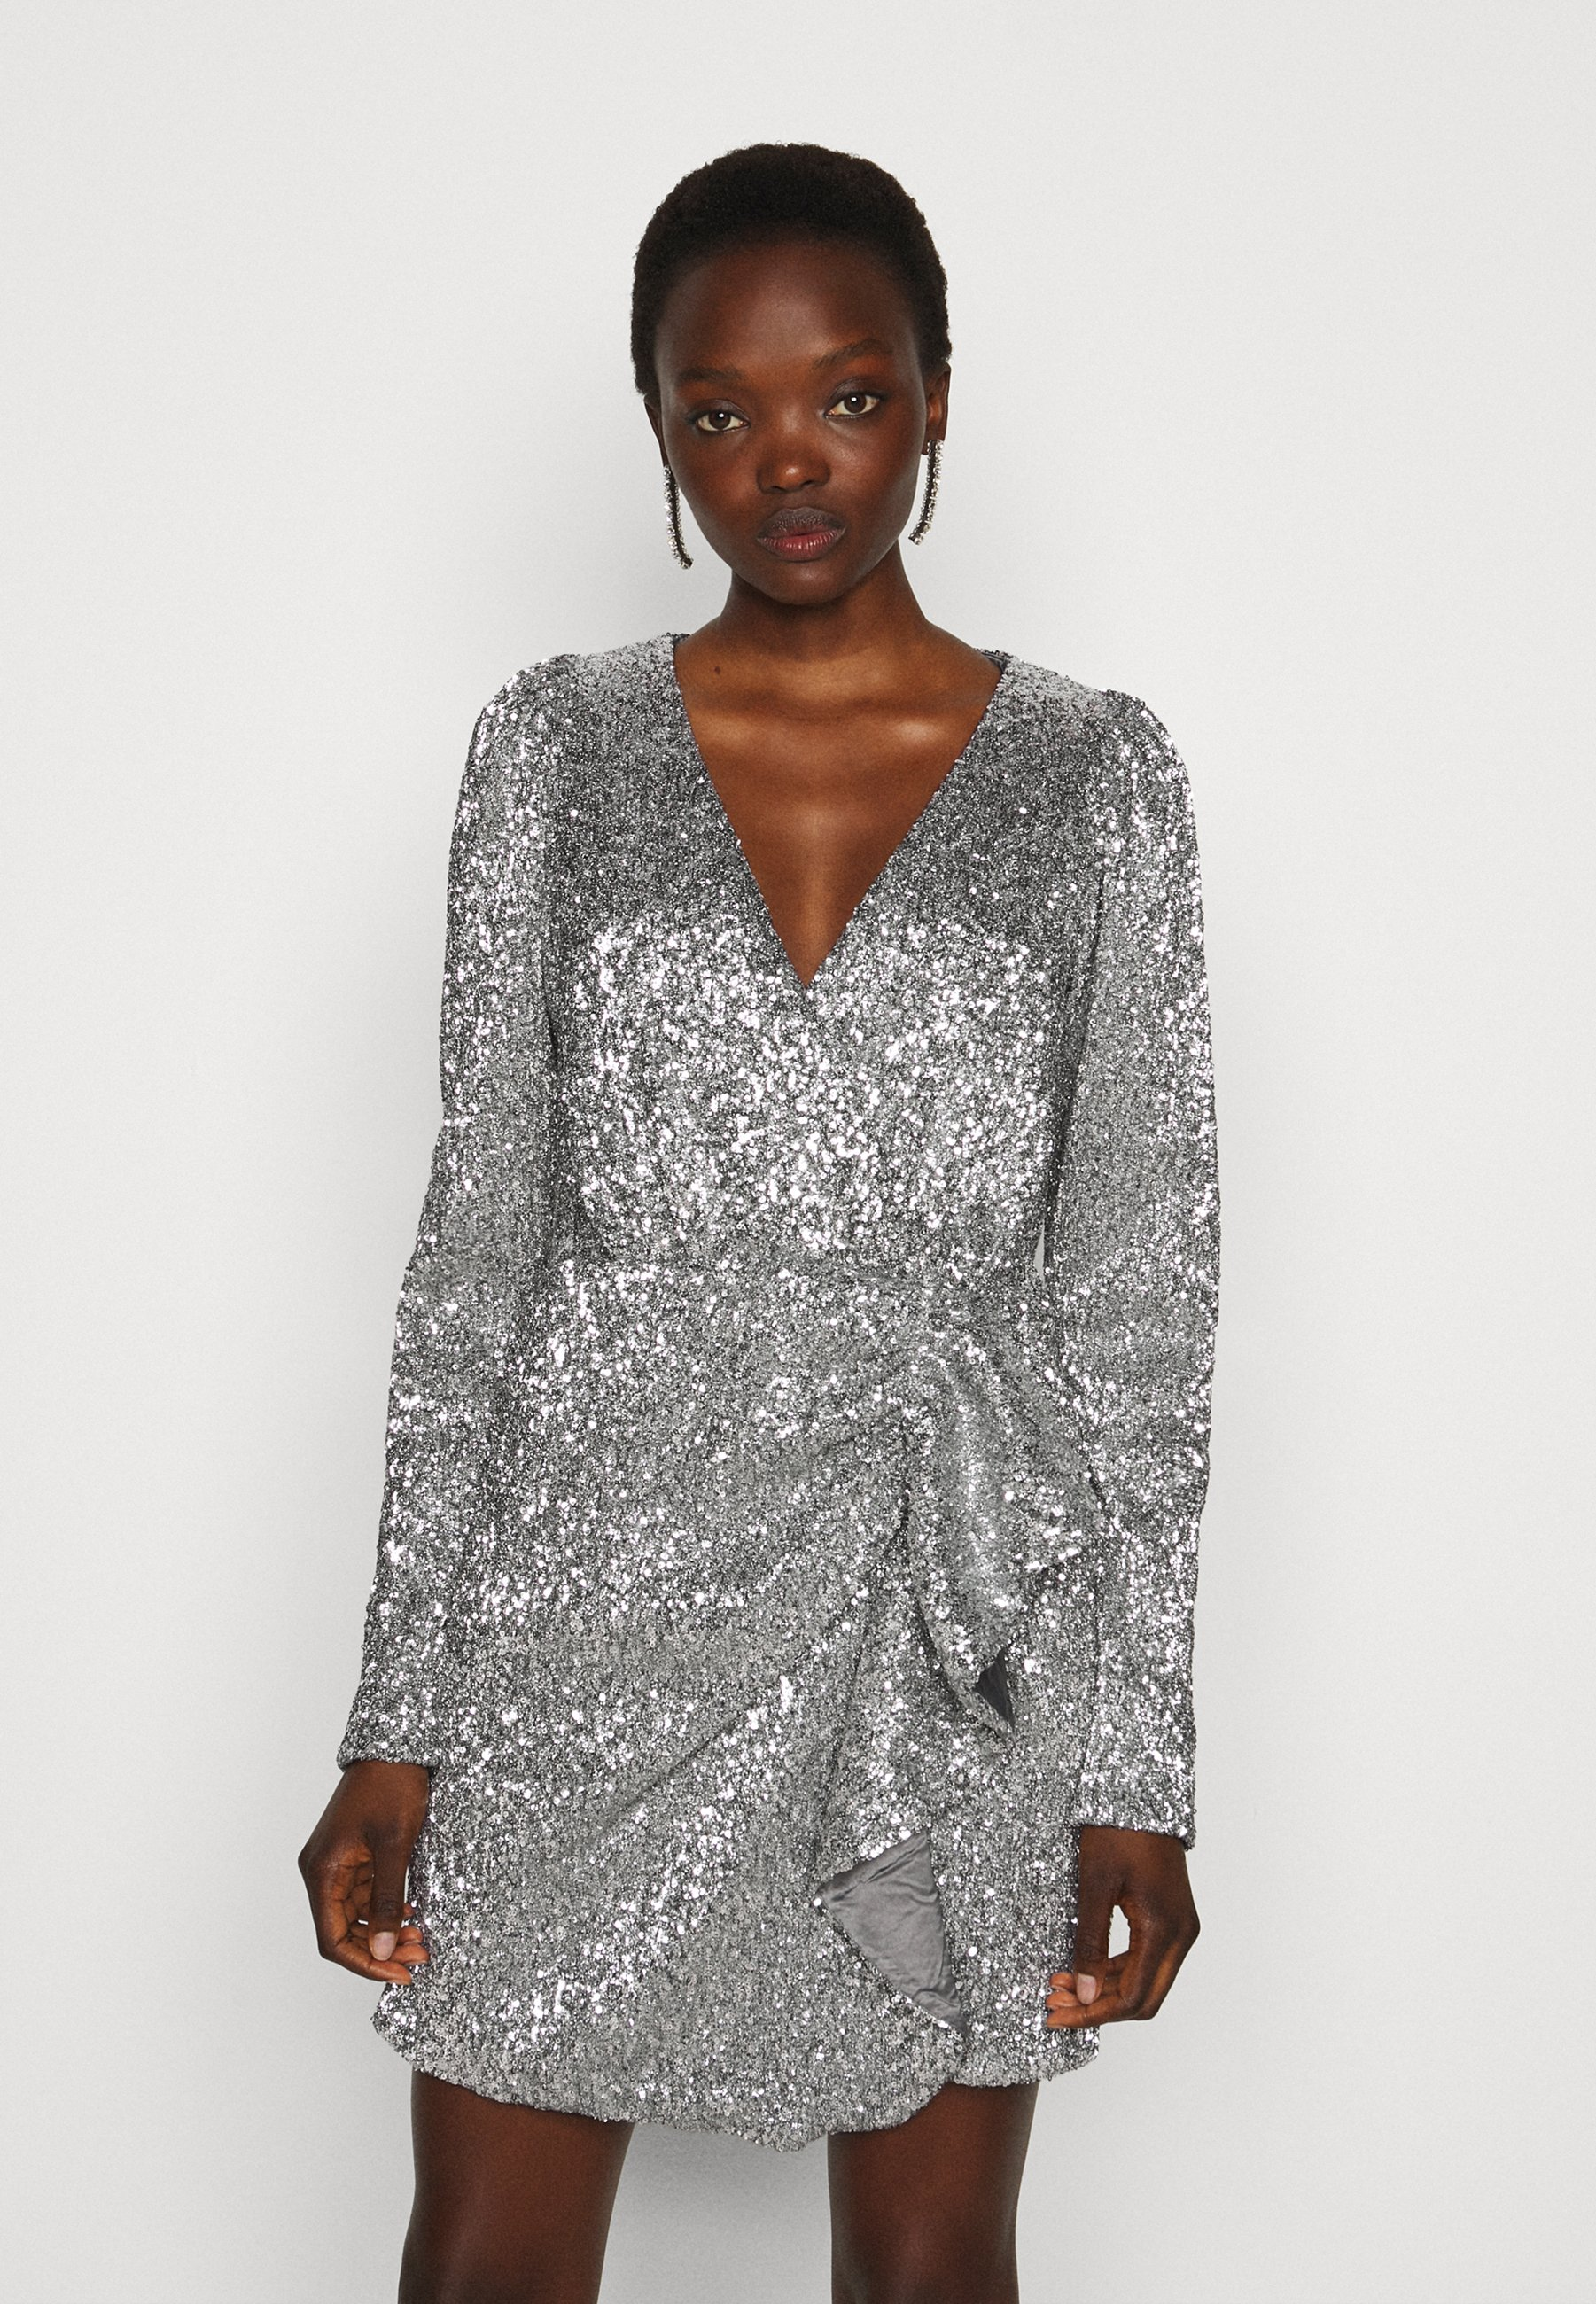 Silverfärgade Klänningar online | Köp din klänning på Zalando.se